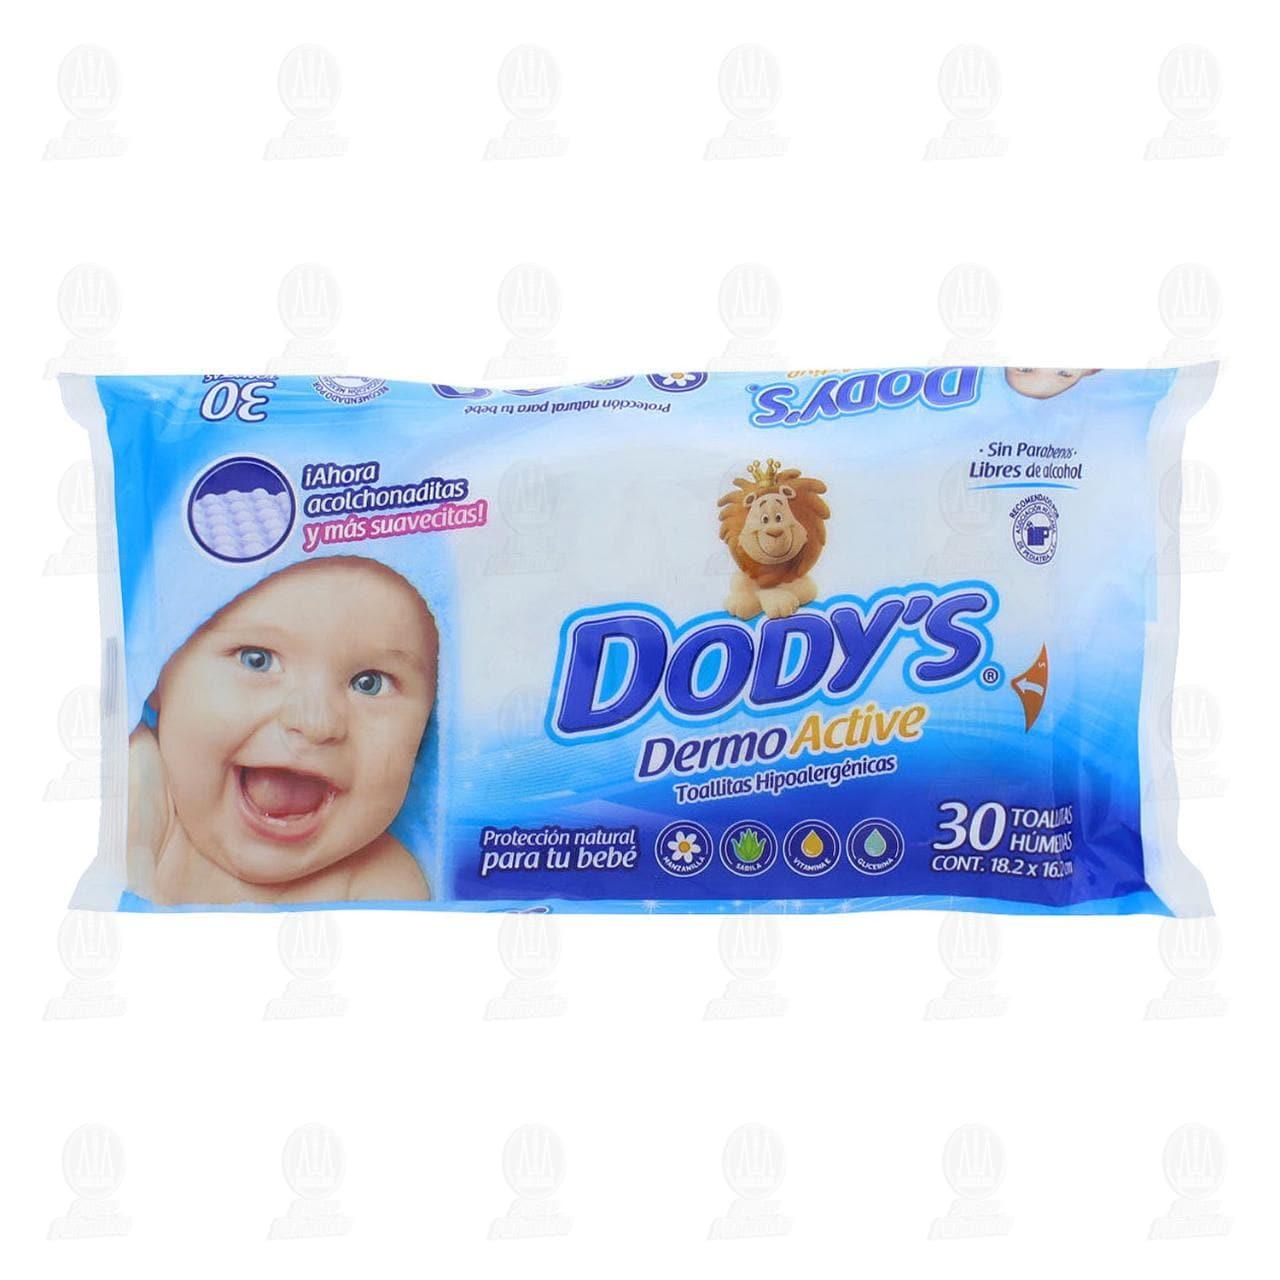 Comprar Toallitas para Bebé Dody's Dermo Active Hipoalergénicas, 30 pzas. en Farmacias Guadalajara